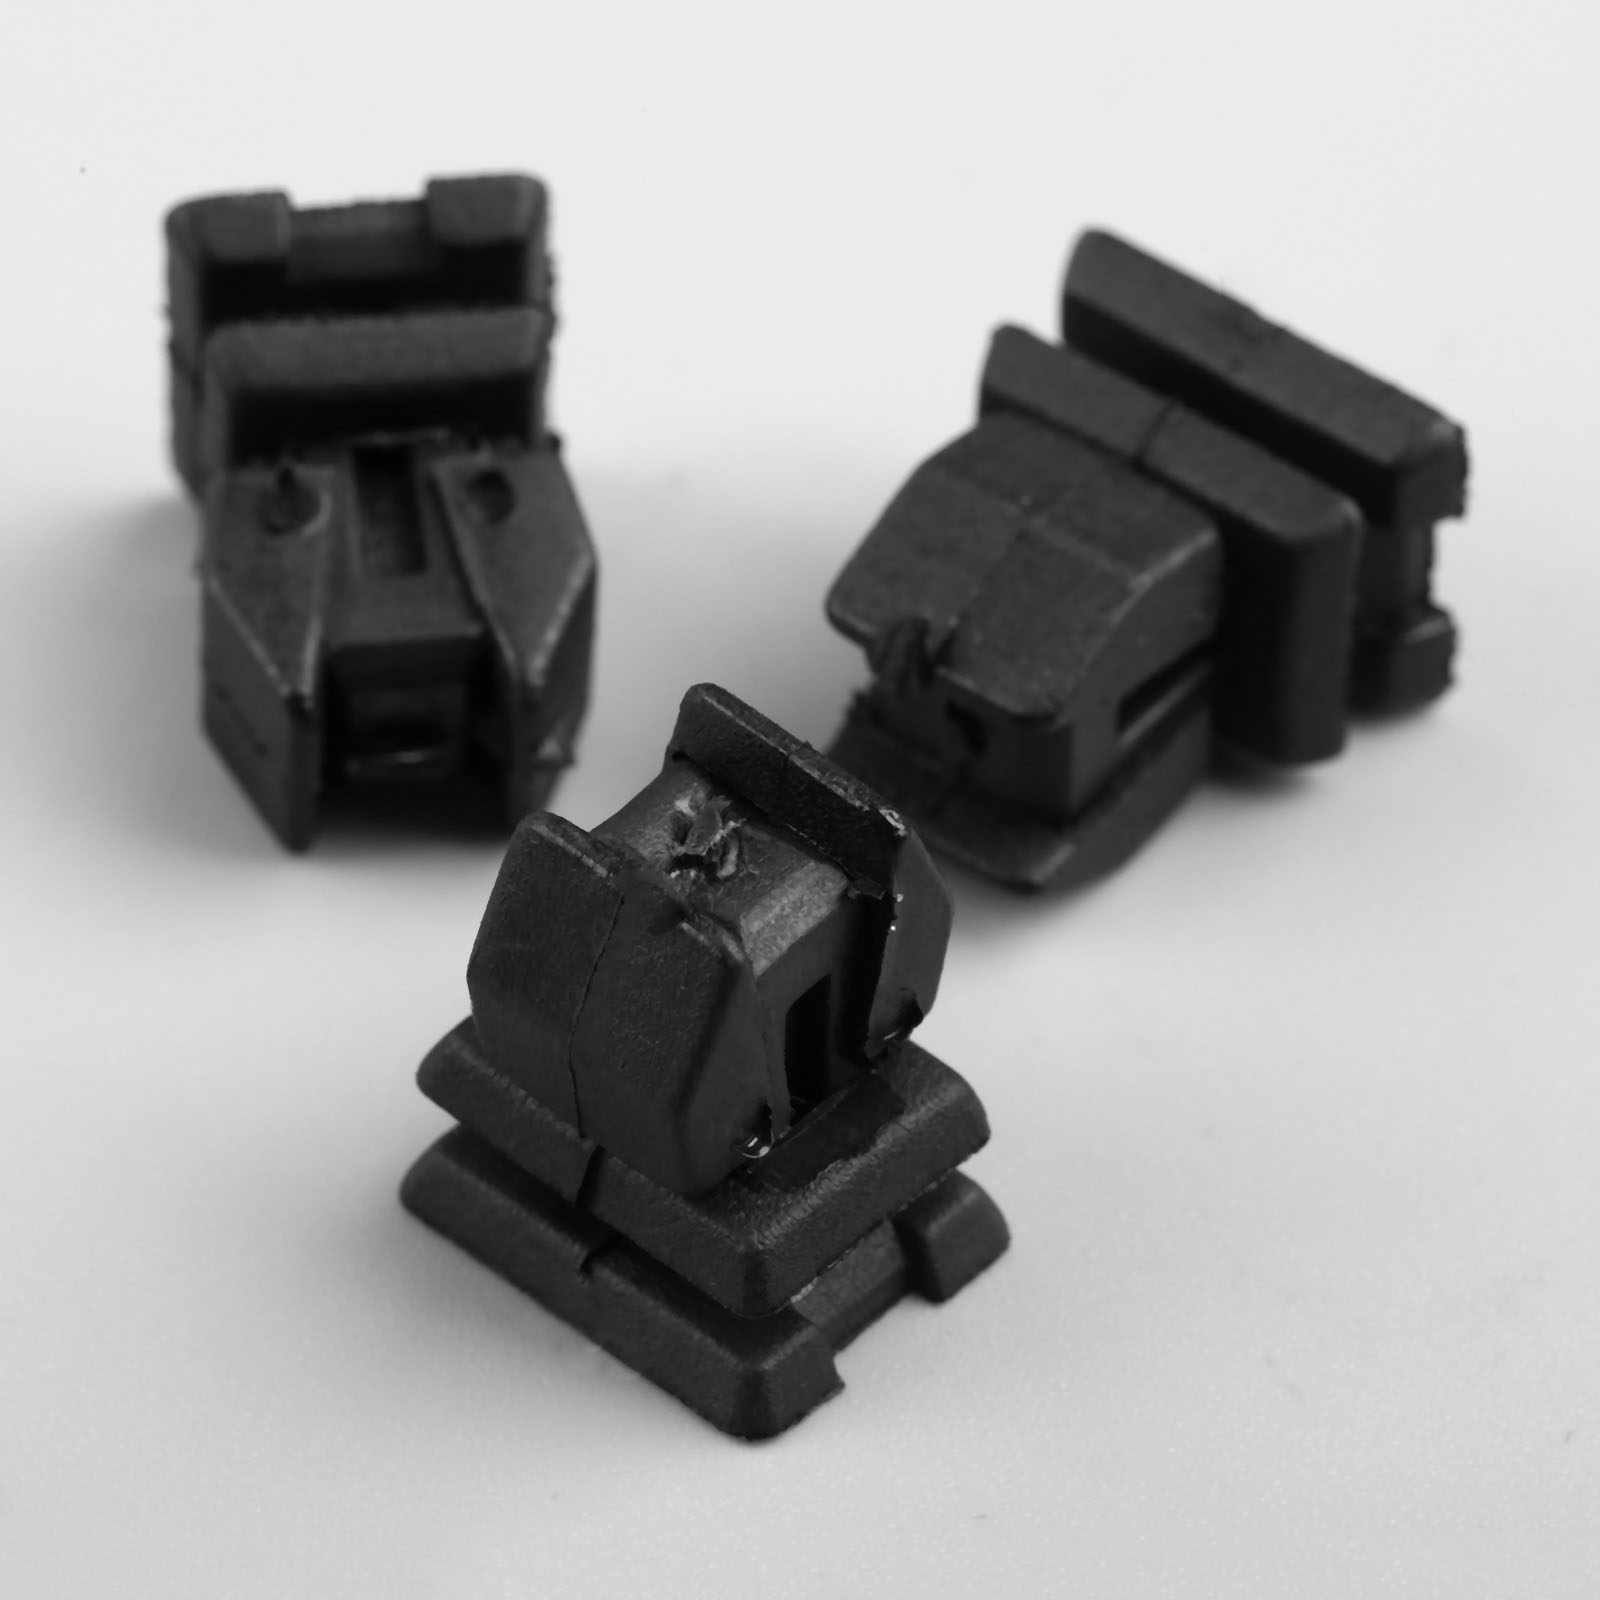 10 قطعة غطاء الكسوة الشريط البلاستيك السيارات السحابة لمرسيدس بنز SLK CLK SL S W220 W140 CLS فئة السيارات المسامير السيارات